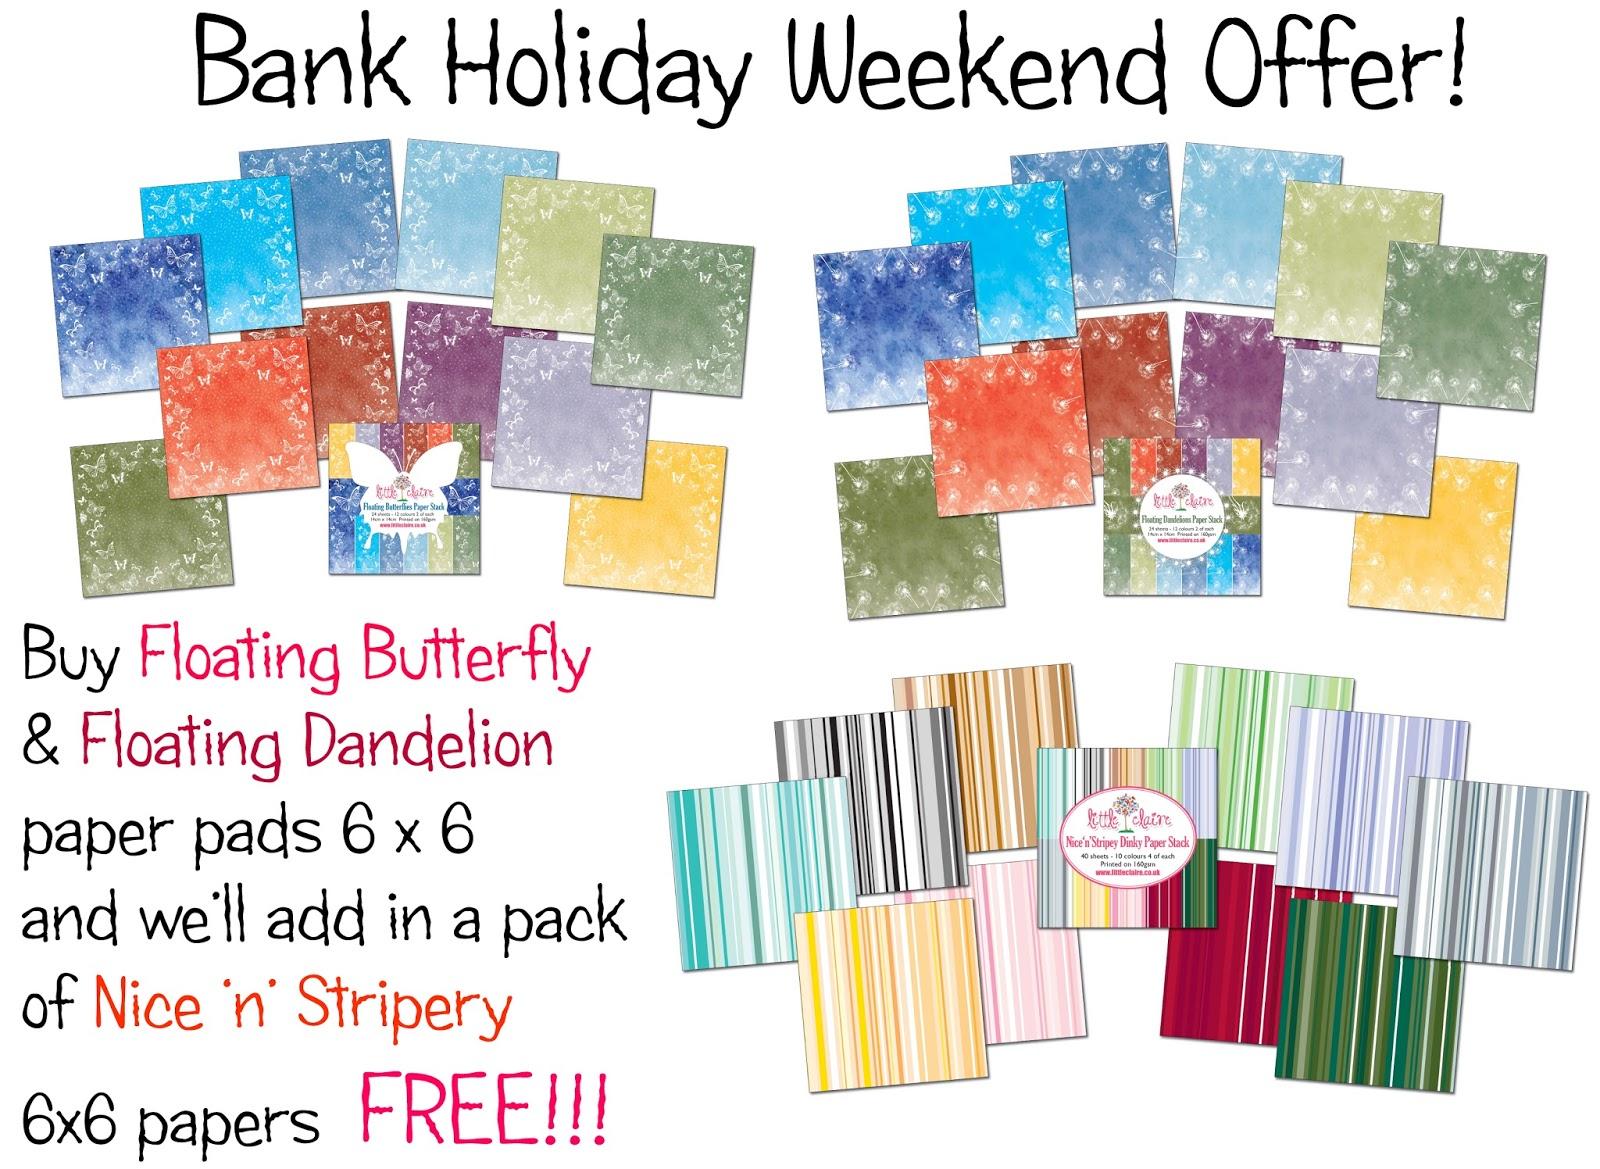 Bank holiday deals uk